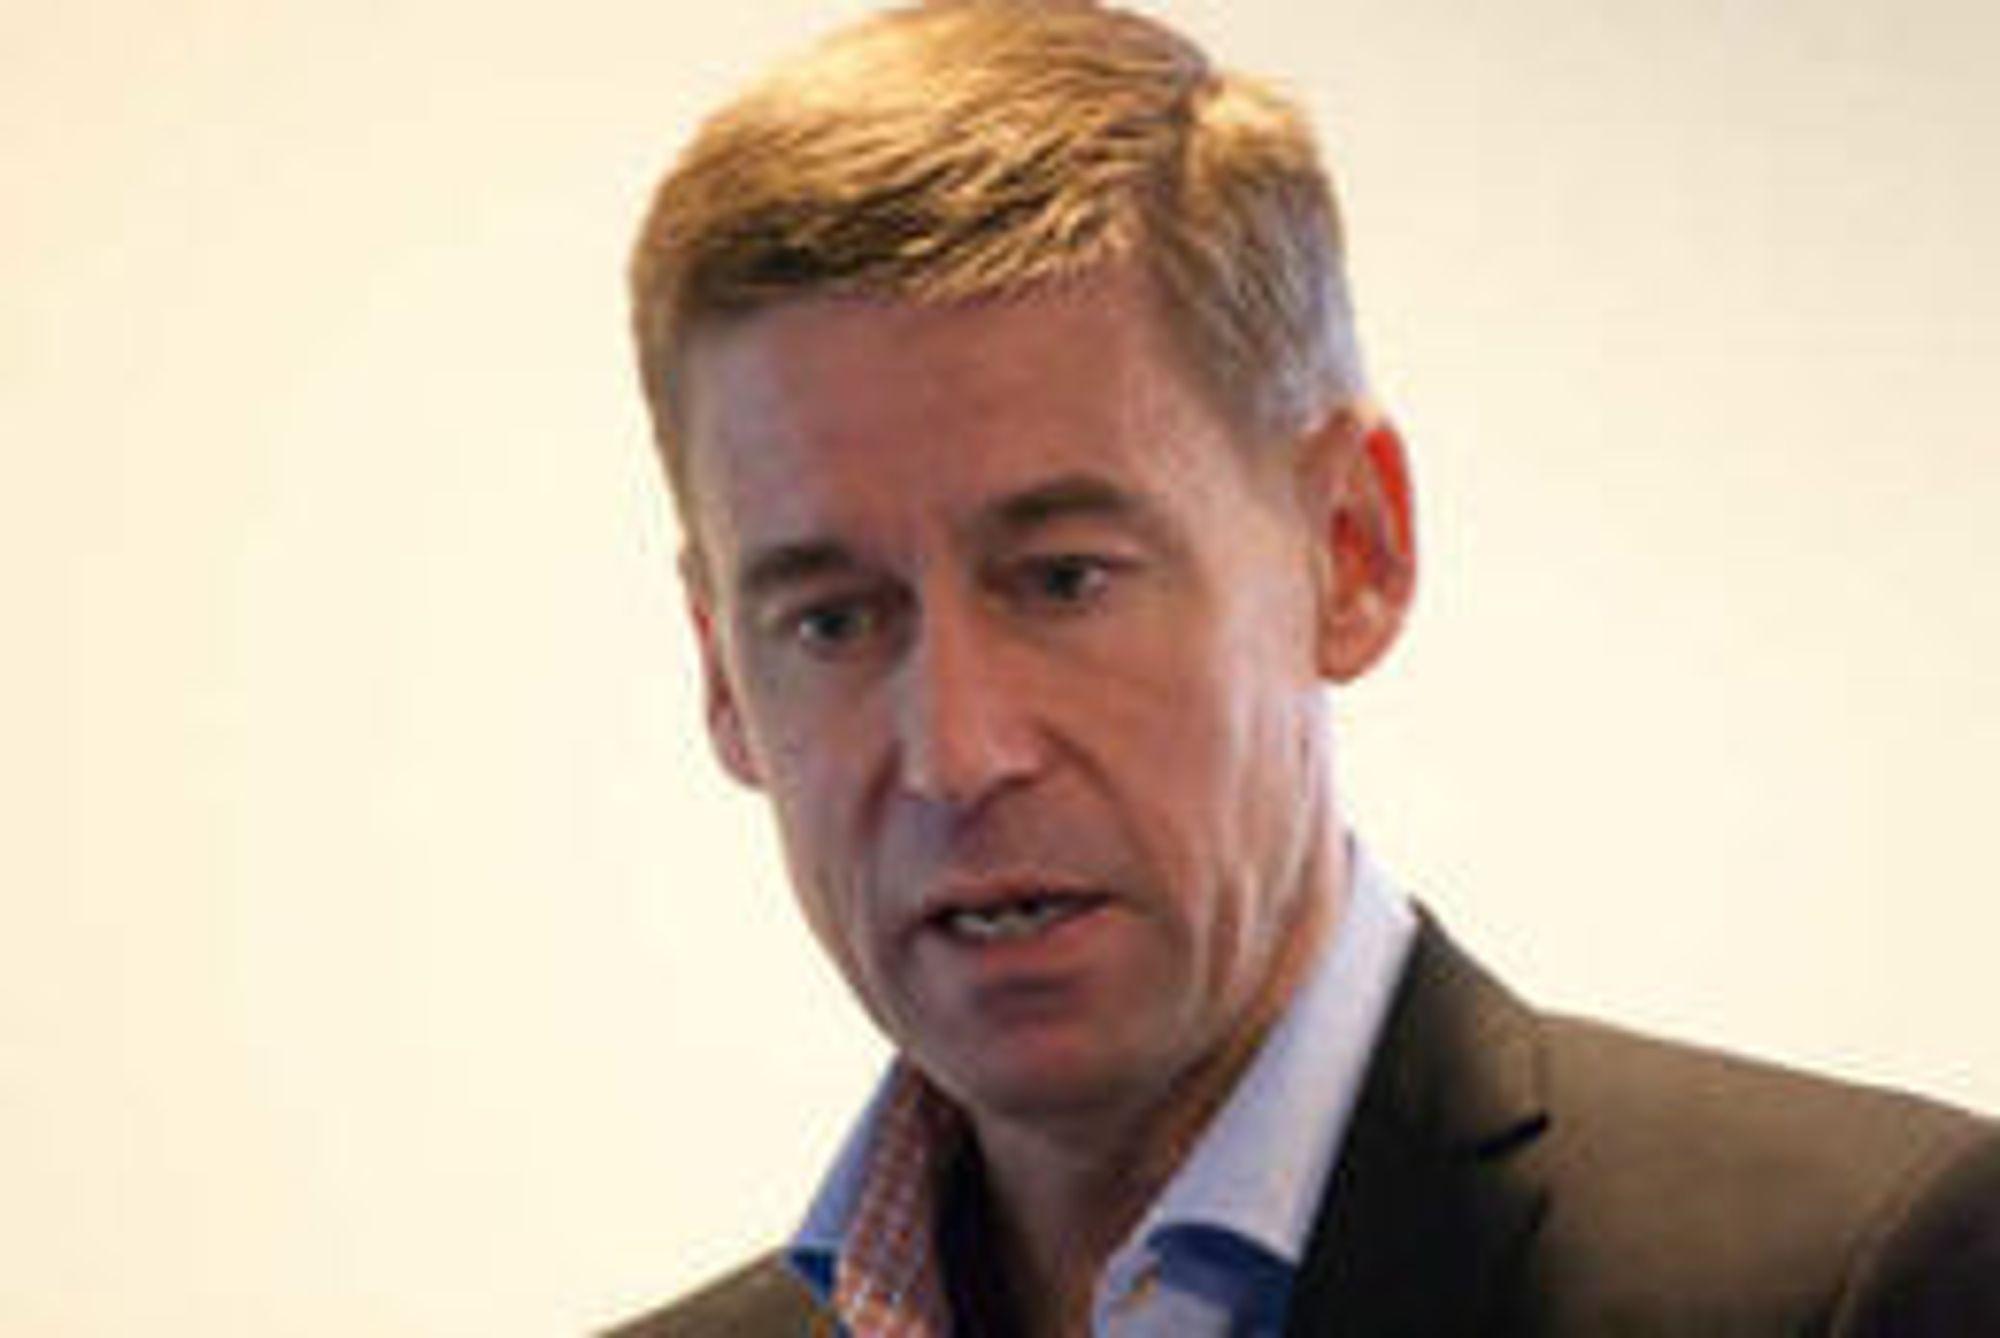 Netcom-sjef August Baumann liker dårlig at oppkjøpet kan bli veltet.